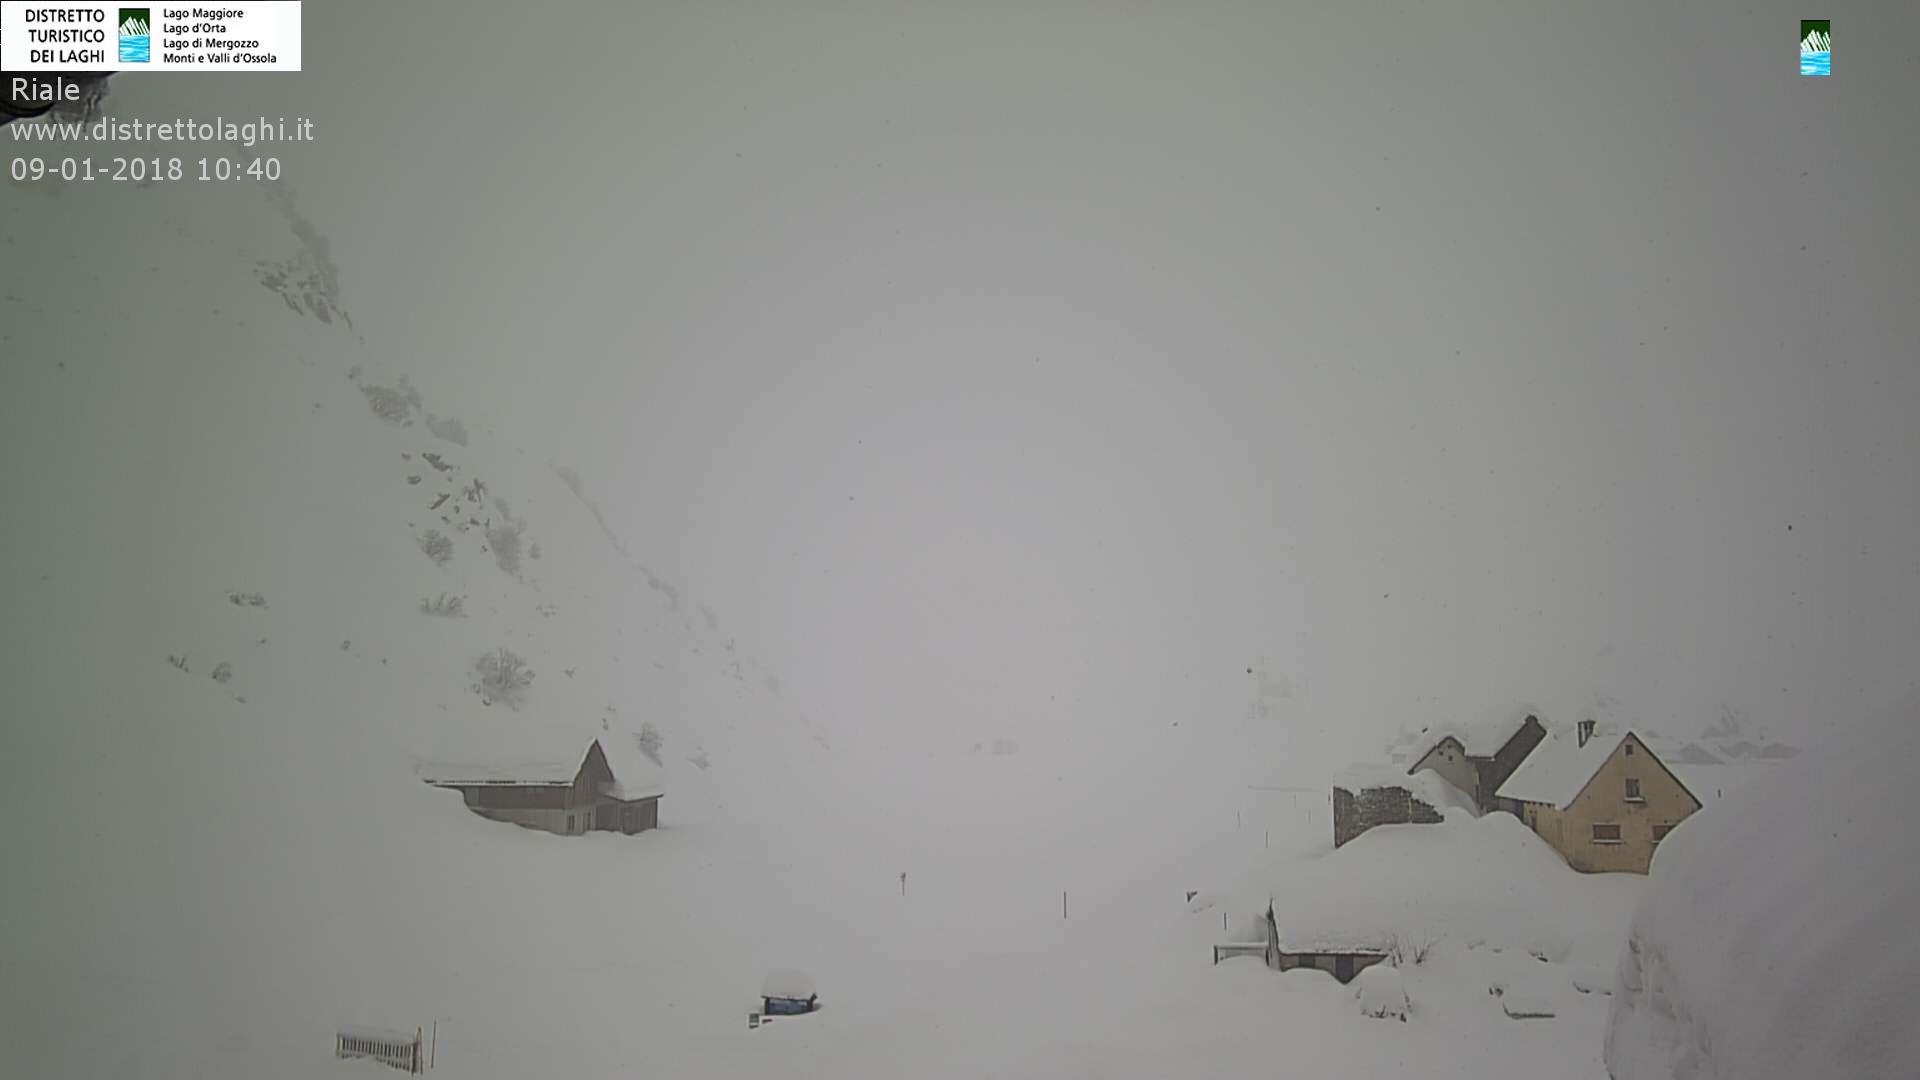 Grande nevicata sulle Alpi 9 gennaio 2018: Riale, Val Formazza (VB)